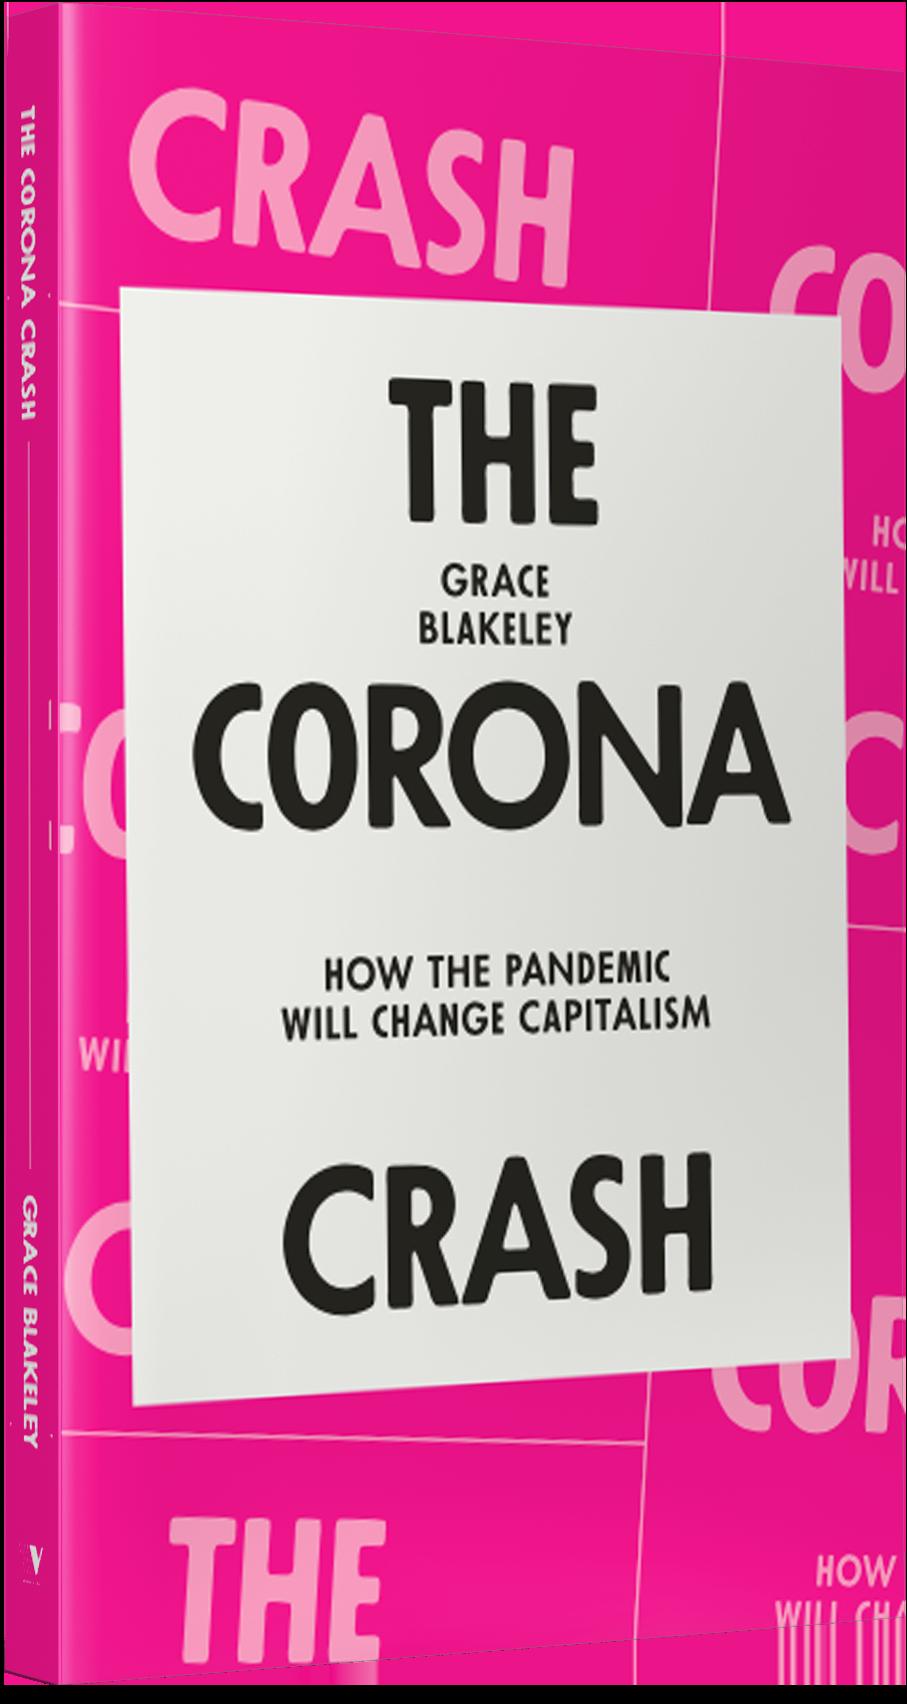 The_corona_crash